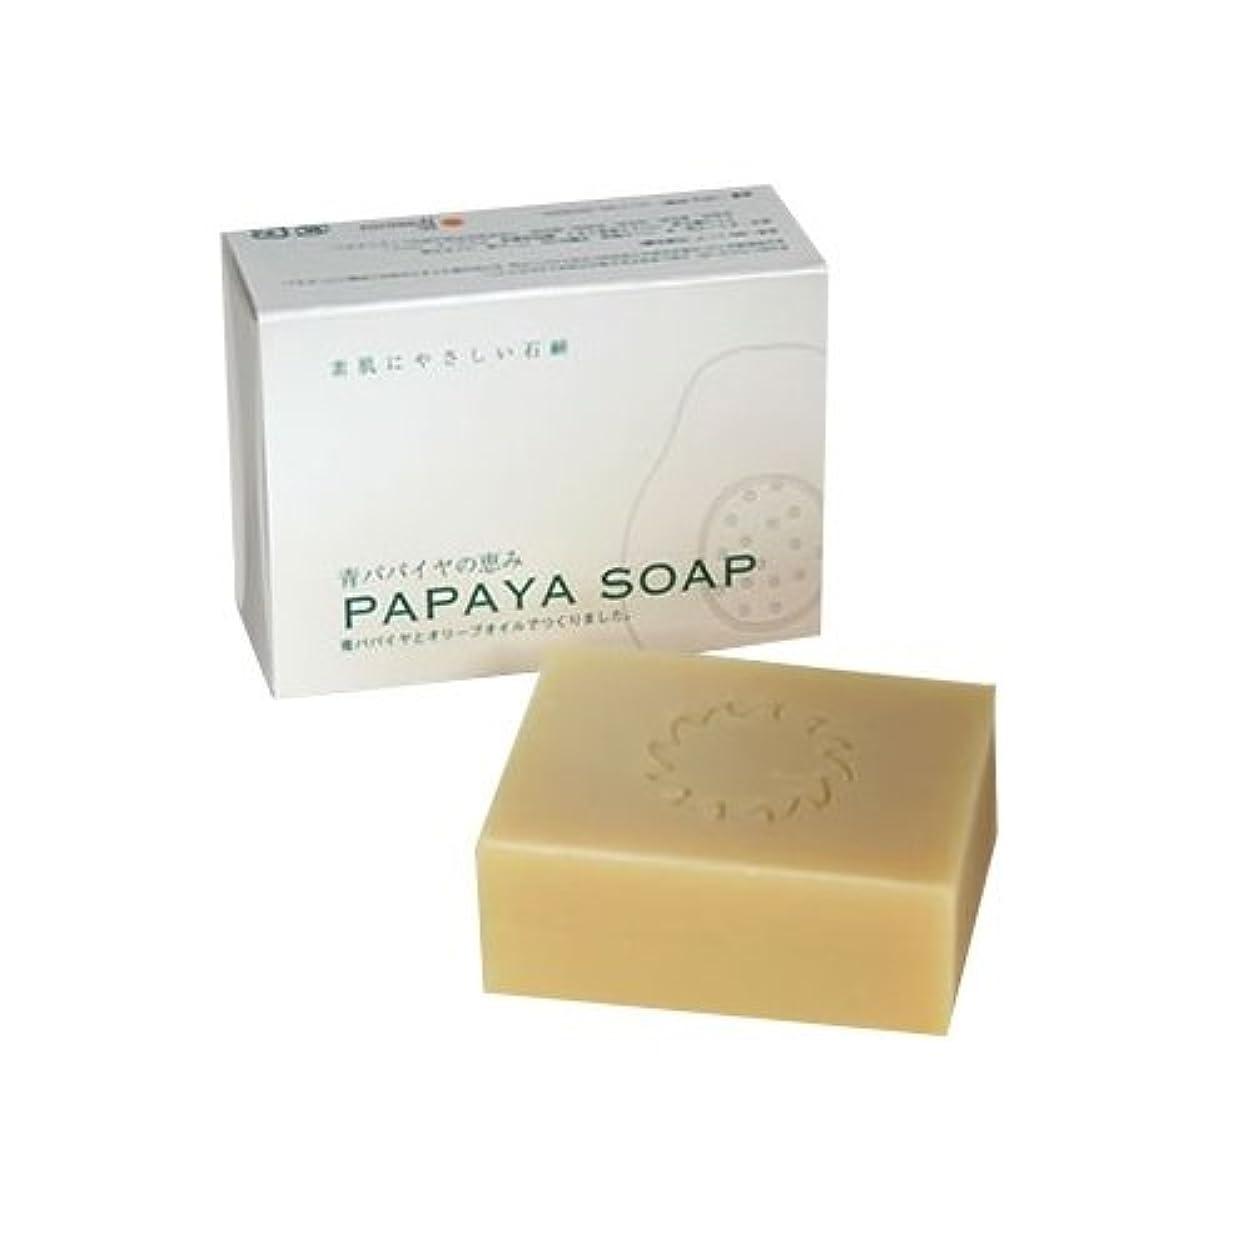 地下室活性化バレーボール青パパイヤの恵み PAPAYA SOAP(パパイヤソープ) 100g